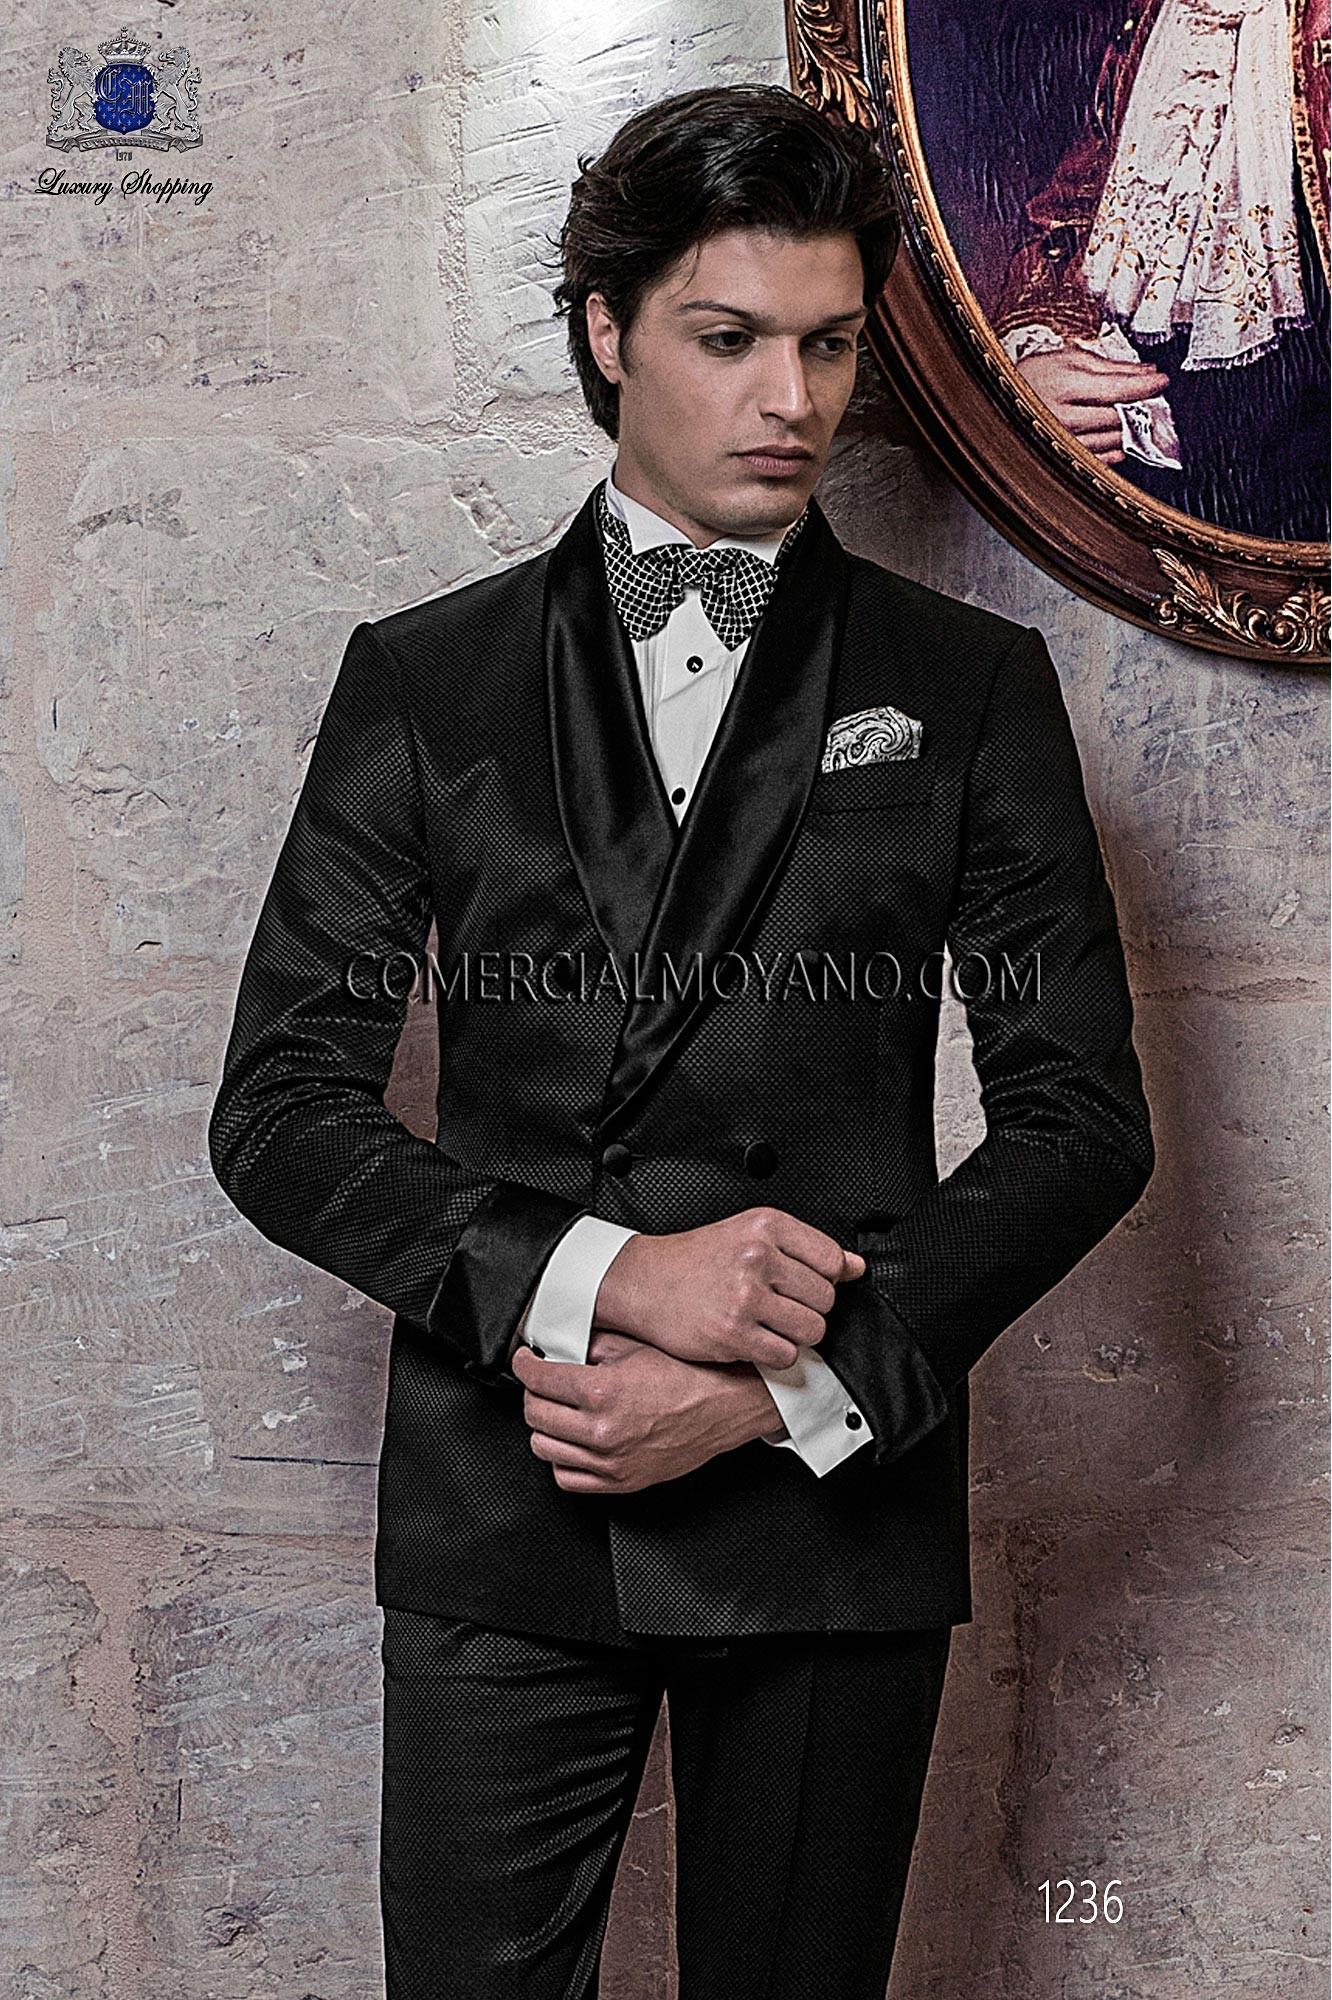 Traje BlackTie de novio negro modelo: 1236 Ottavio Nuccio Gala colección Black Tie